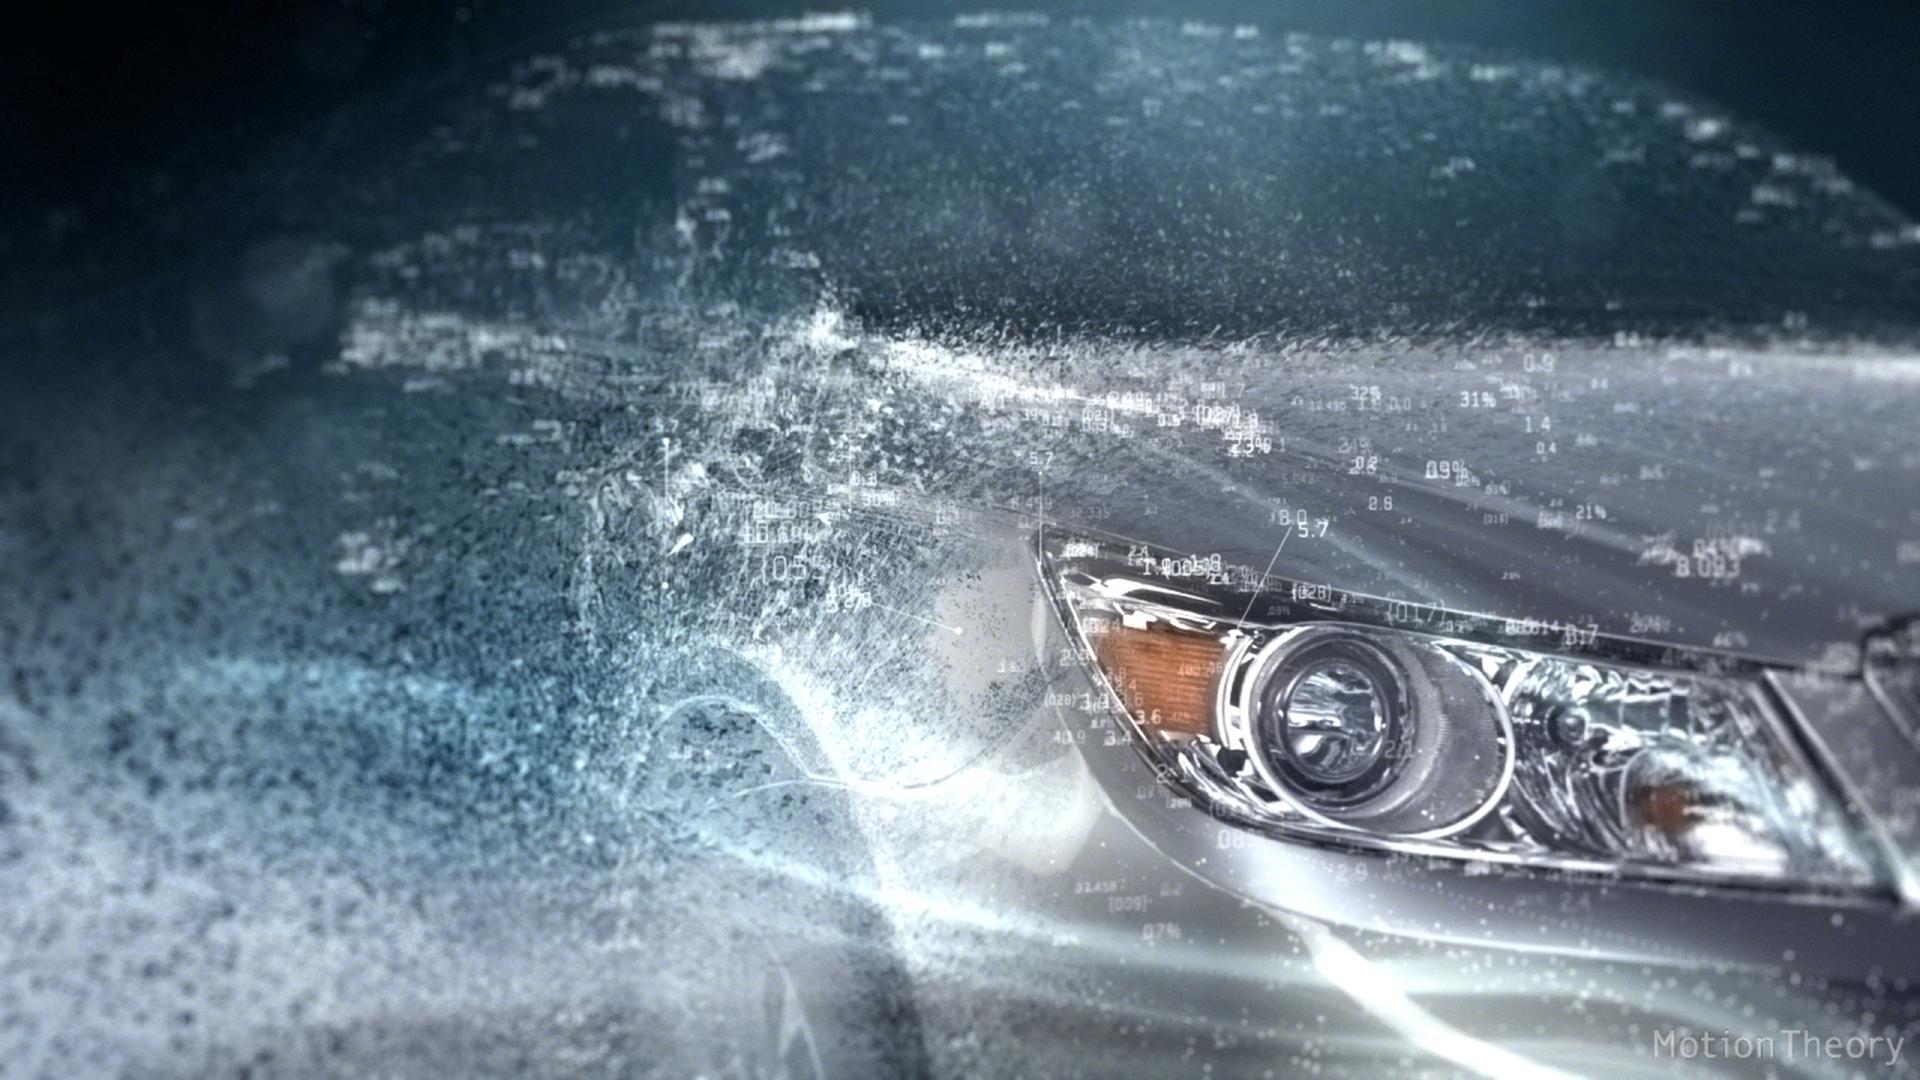 Buick_BehindTheBeauty_60_1080_422_HQ.mov_002_o.jpg